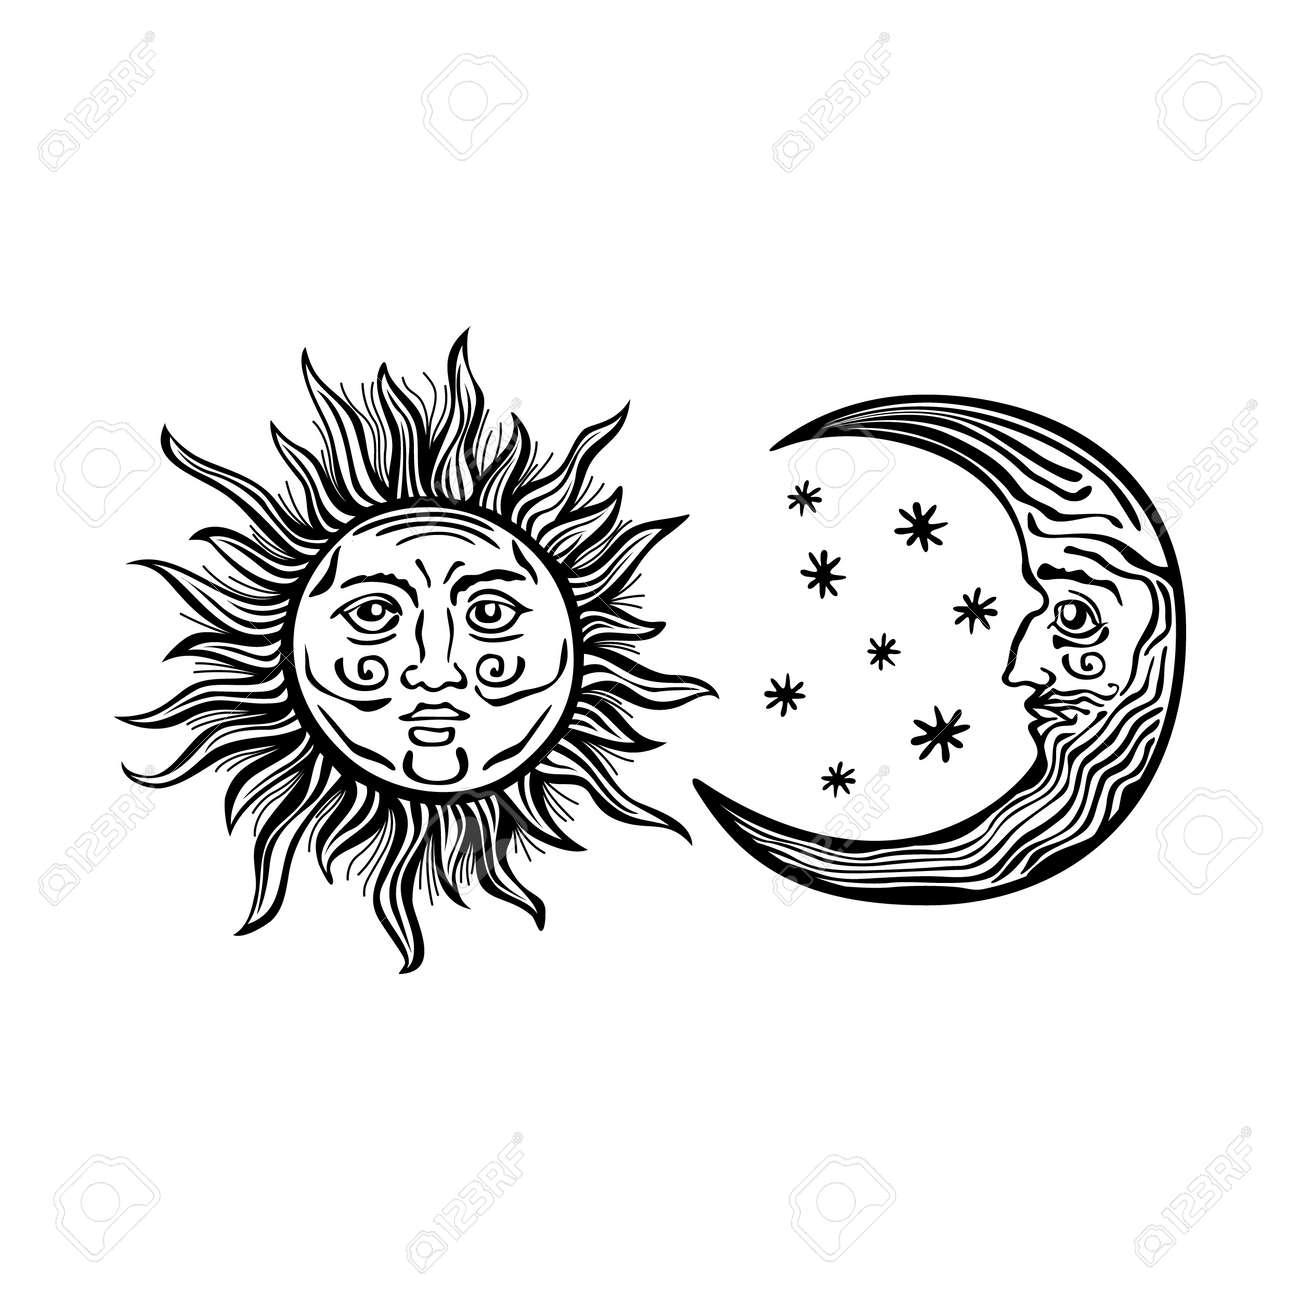 finest stunning gallery of top una ilustracin de dibujos animados al estilo de grabado de un sol with dibujos faciles uas - Dibujos Uas